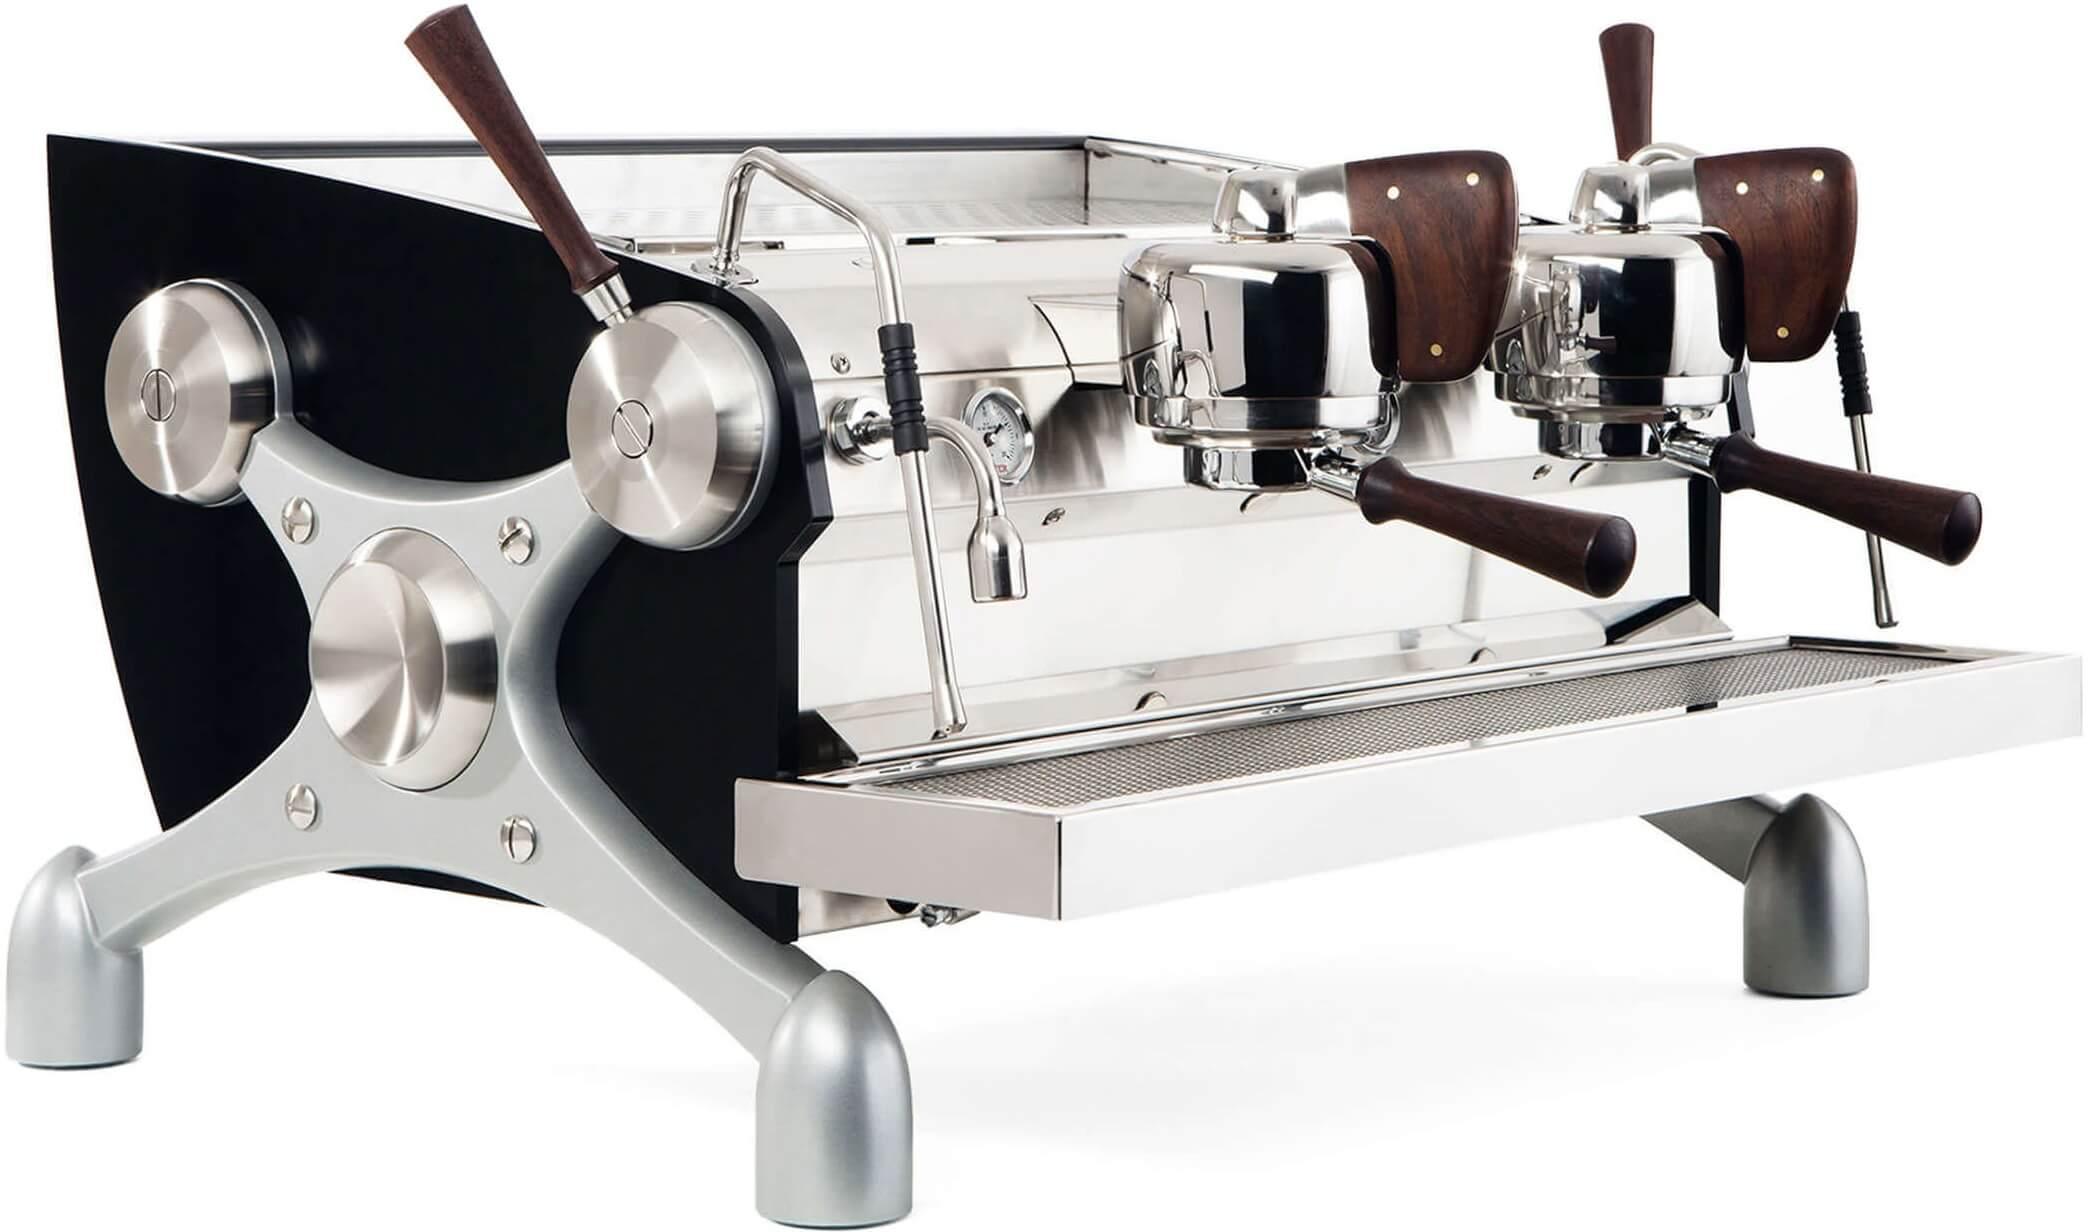 Slayer Espresso 2 Grup Espresso Makinesi